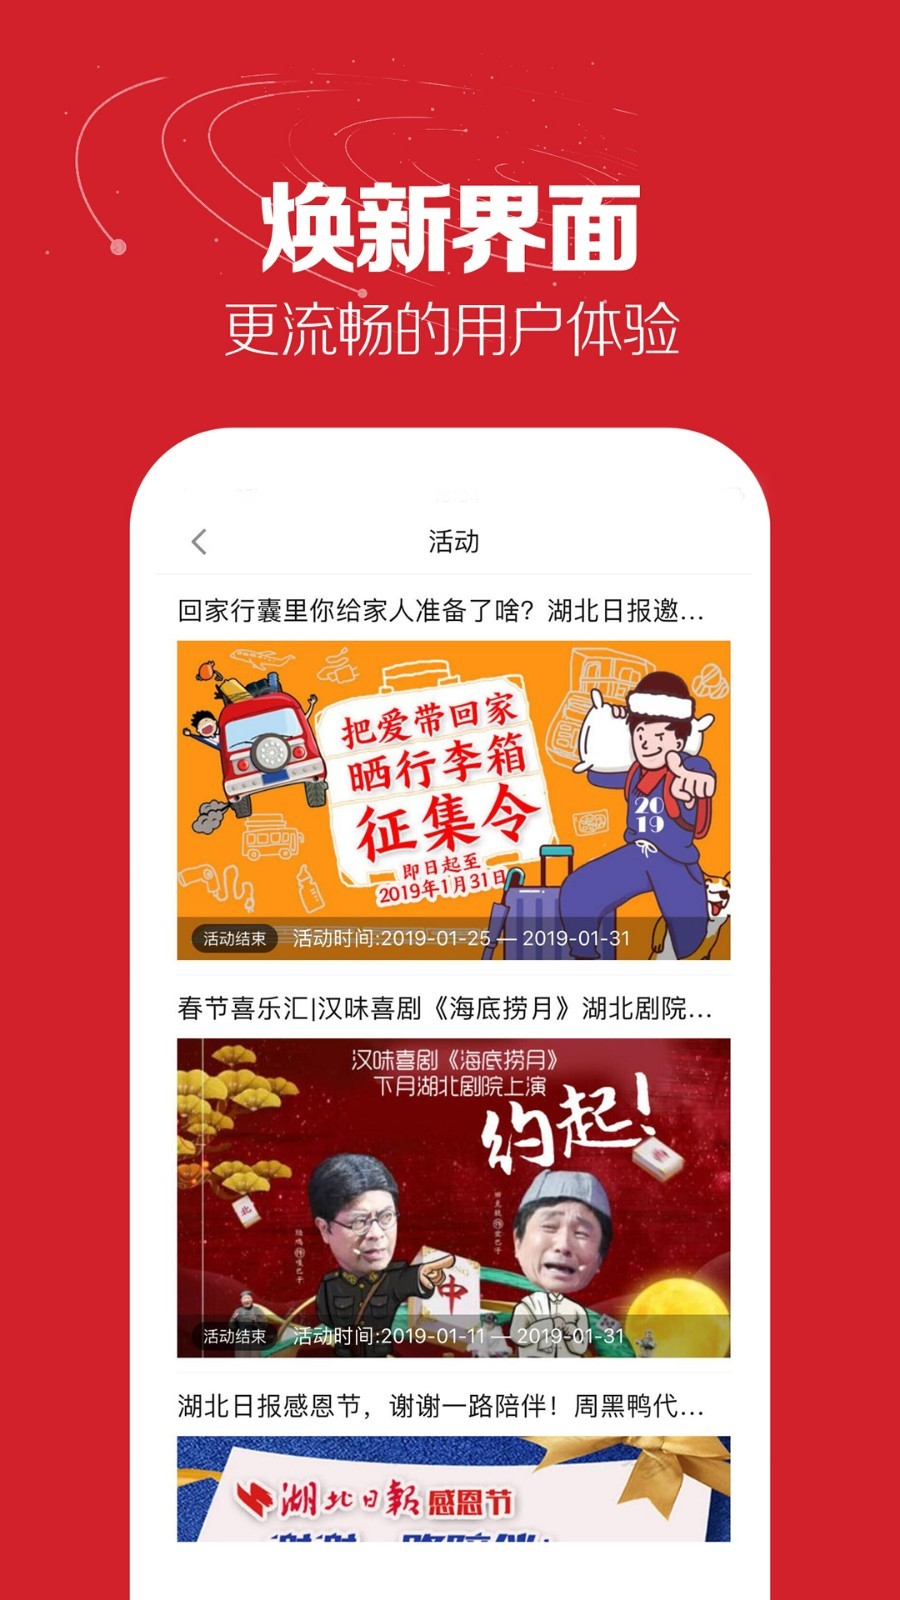 与爱同行惠游湖北预约app截图